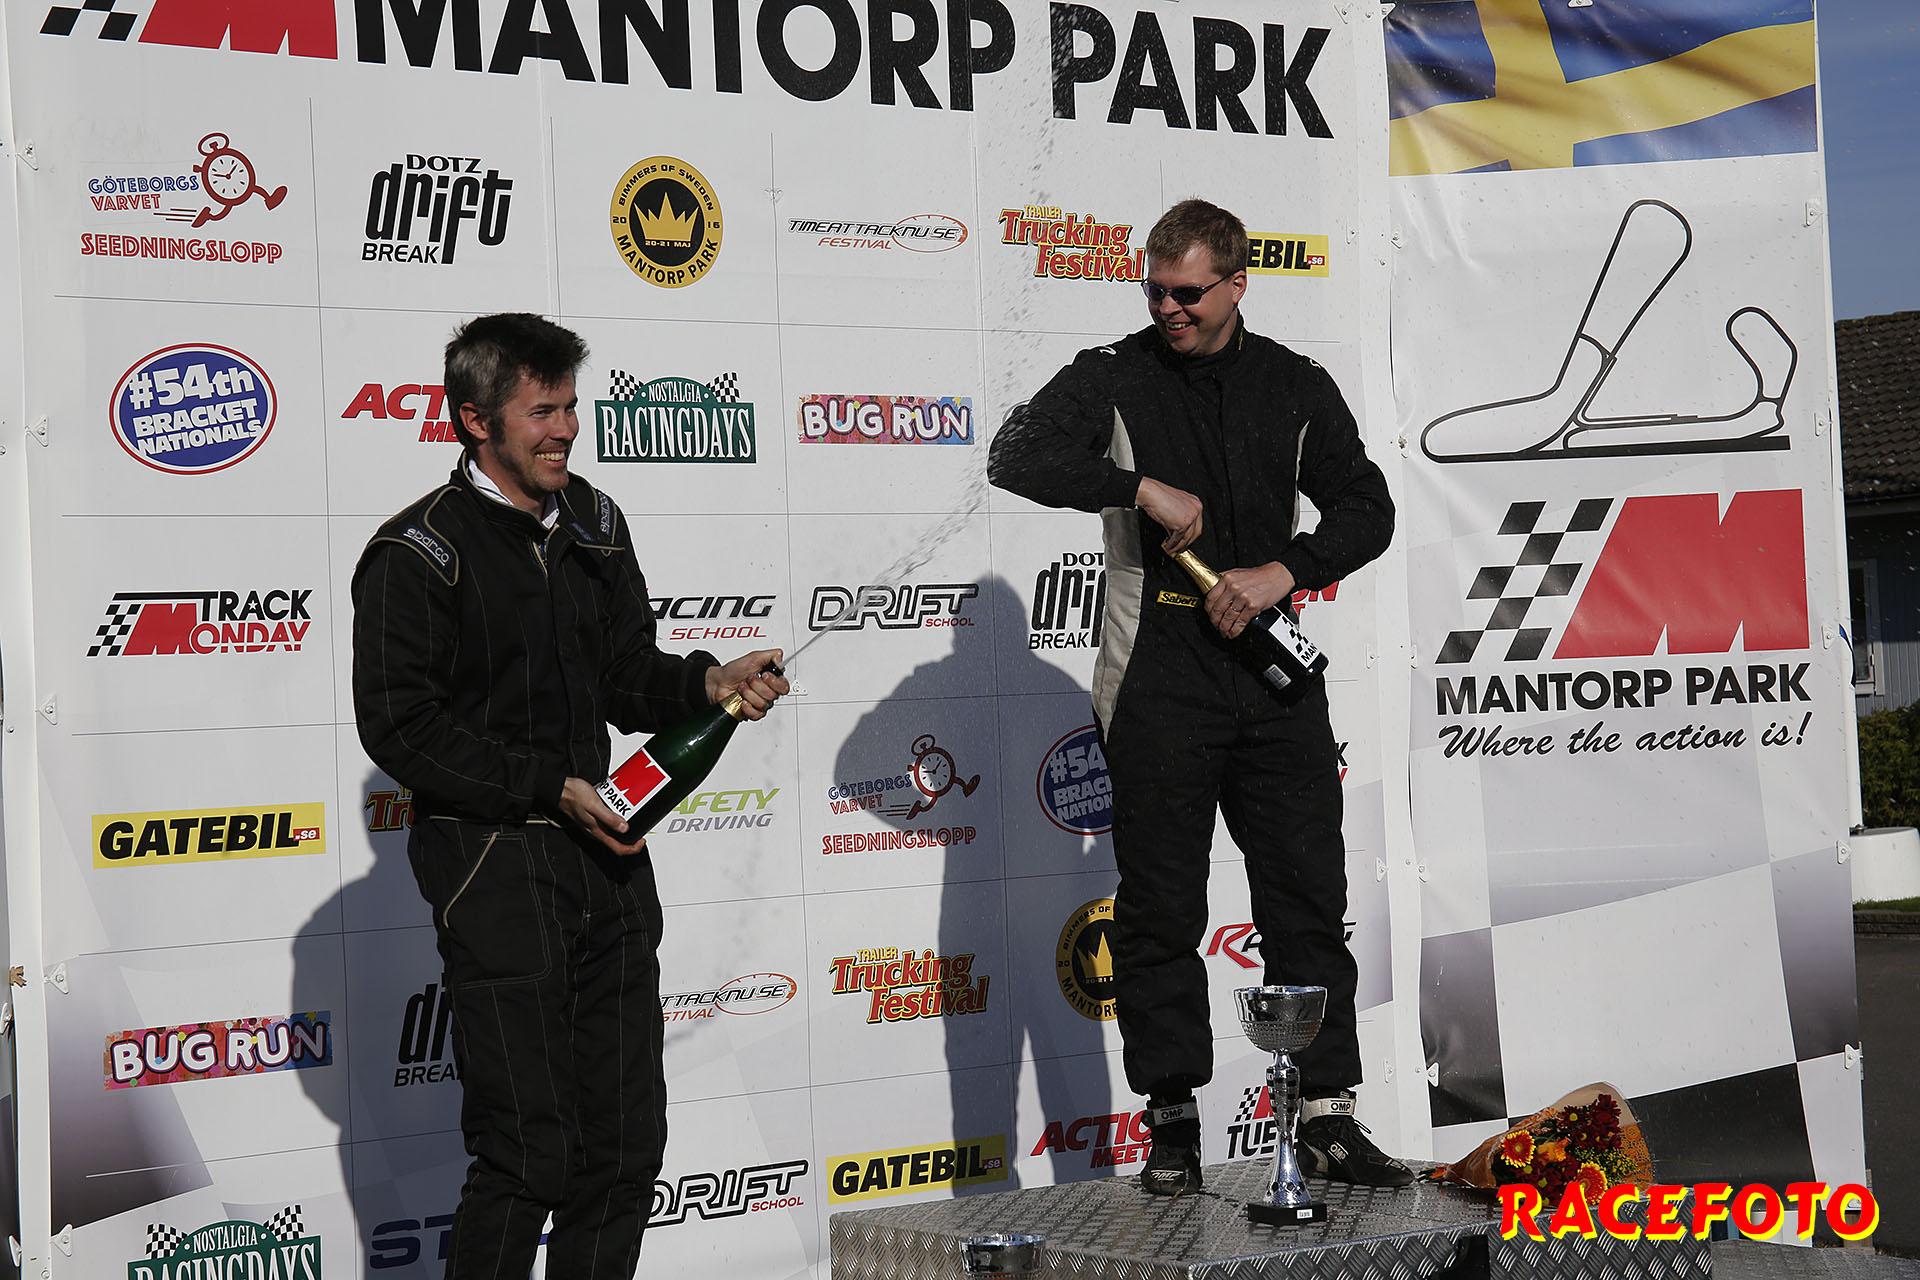 Vårracet på Mantorp Park med SSK & SPVM